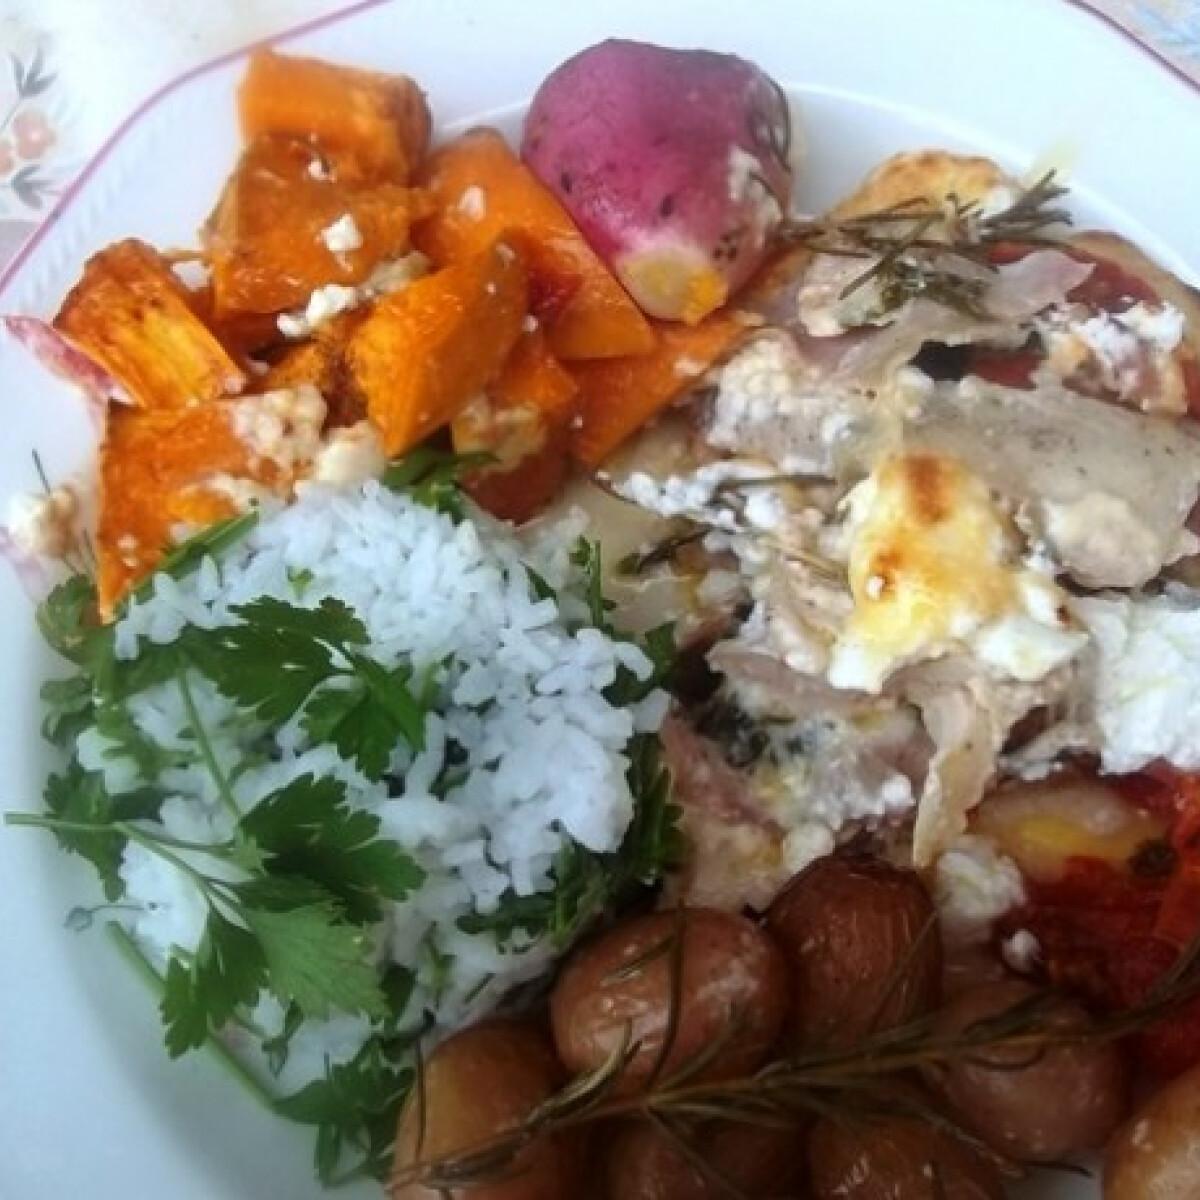 Ezen a képen: Rakott csirkemell sült zöldségekkel és petrezselymes rizzsel